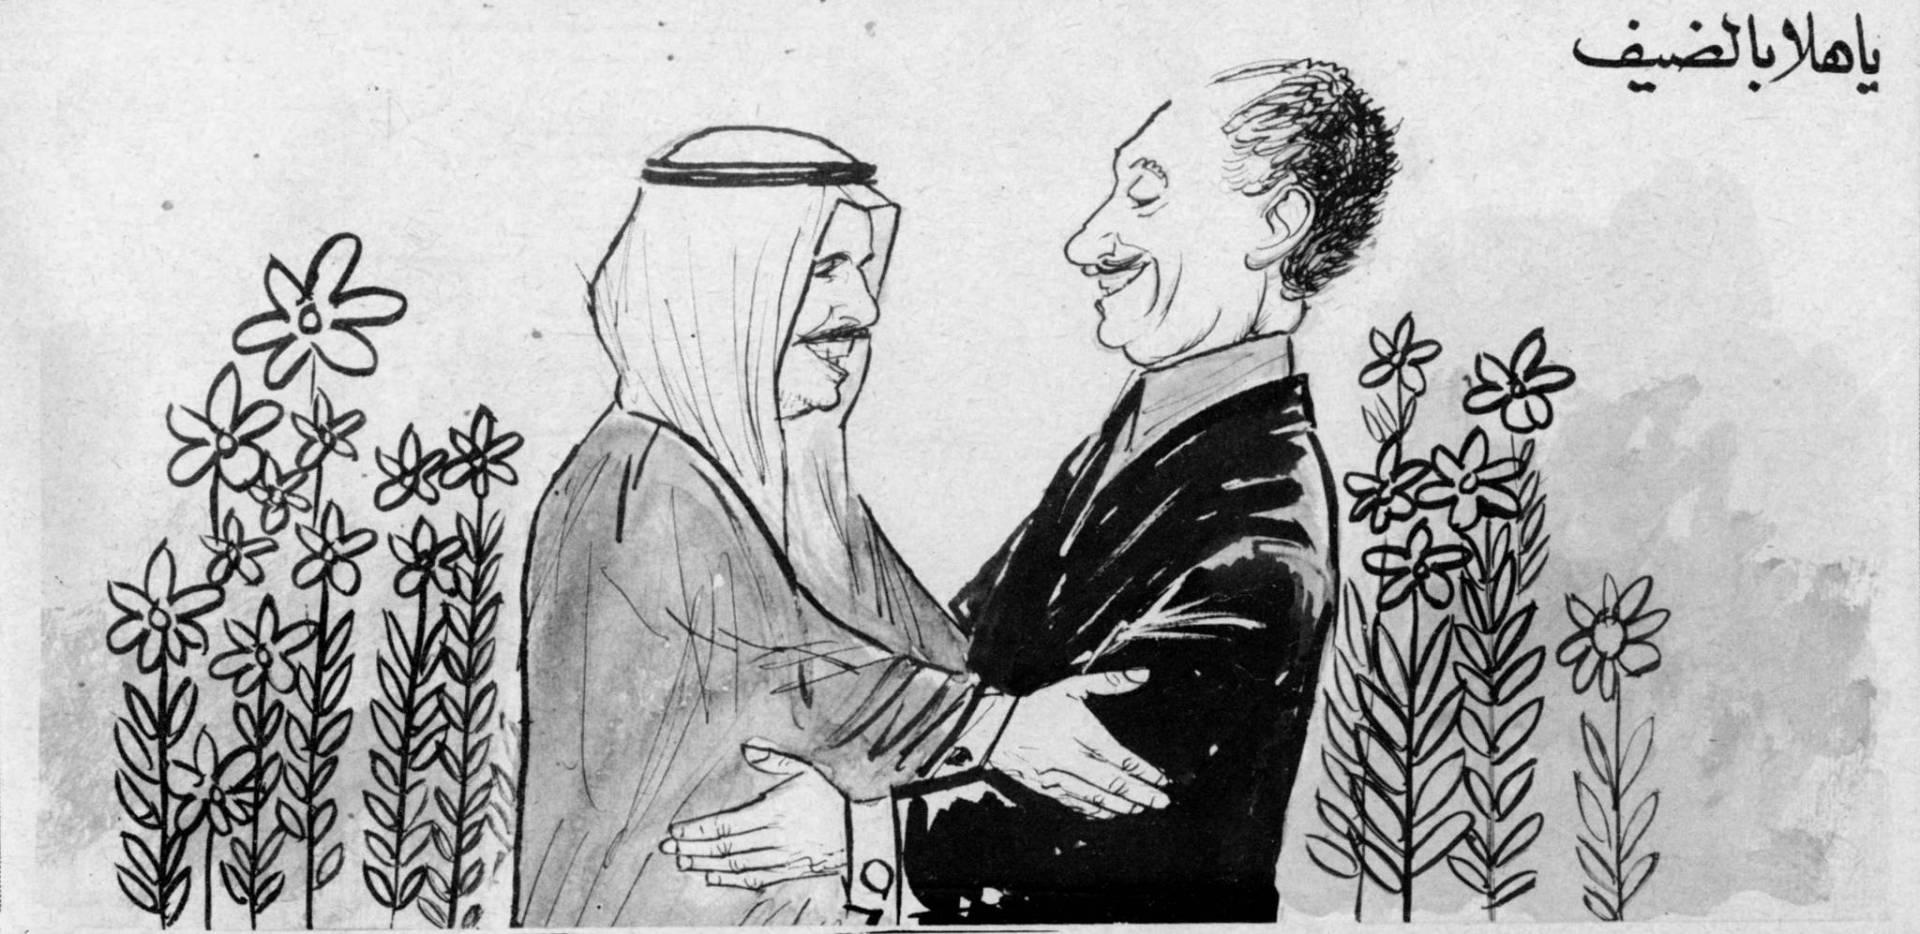 كاريكاتير القبس.. يا هلا بالضيف